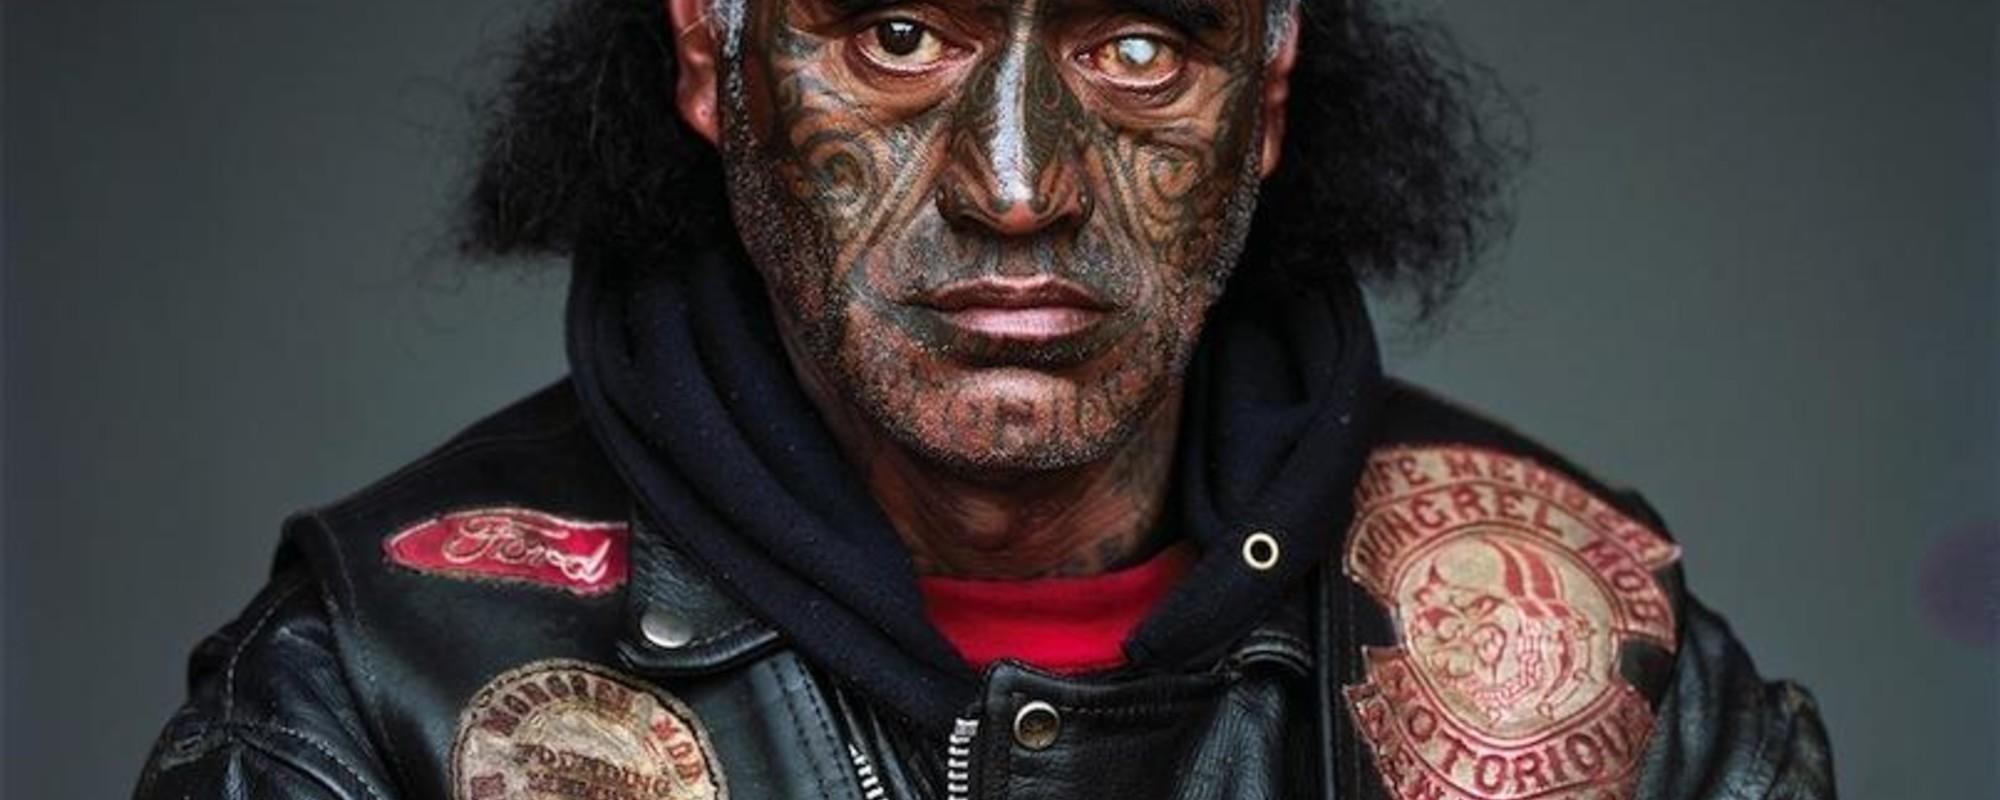 Estas fotos do maior gangue da Nova Zelândia vão assustar-te